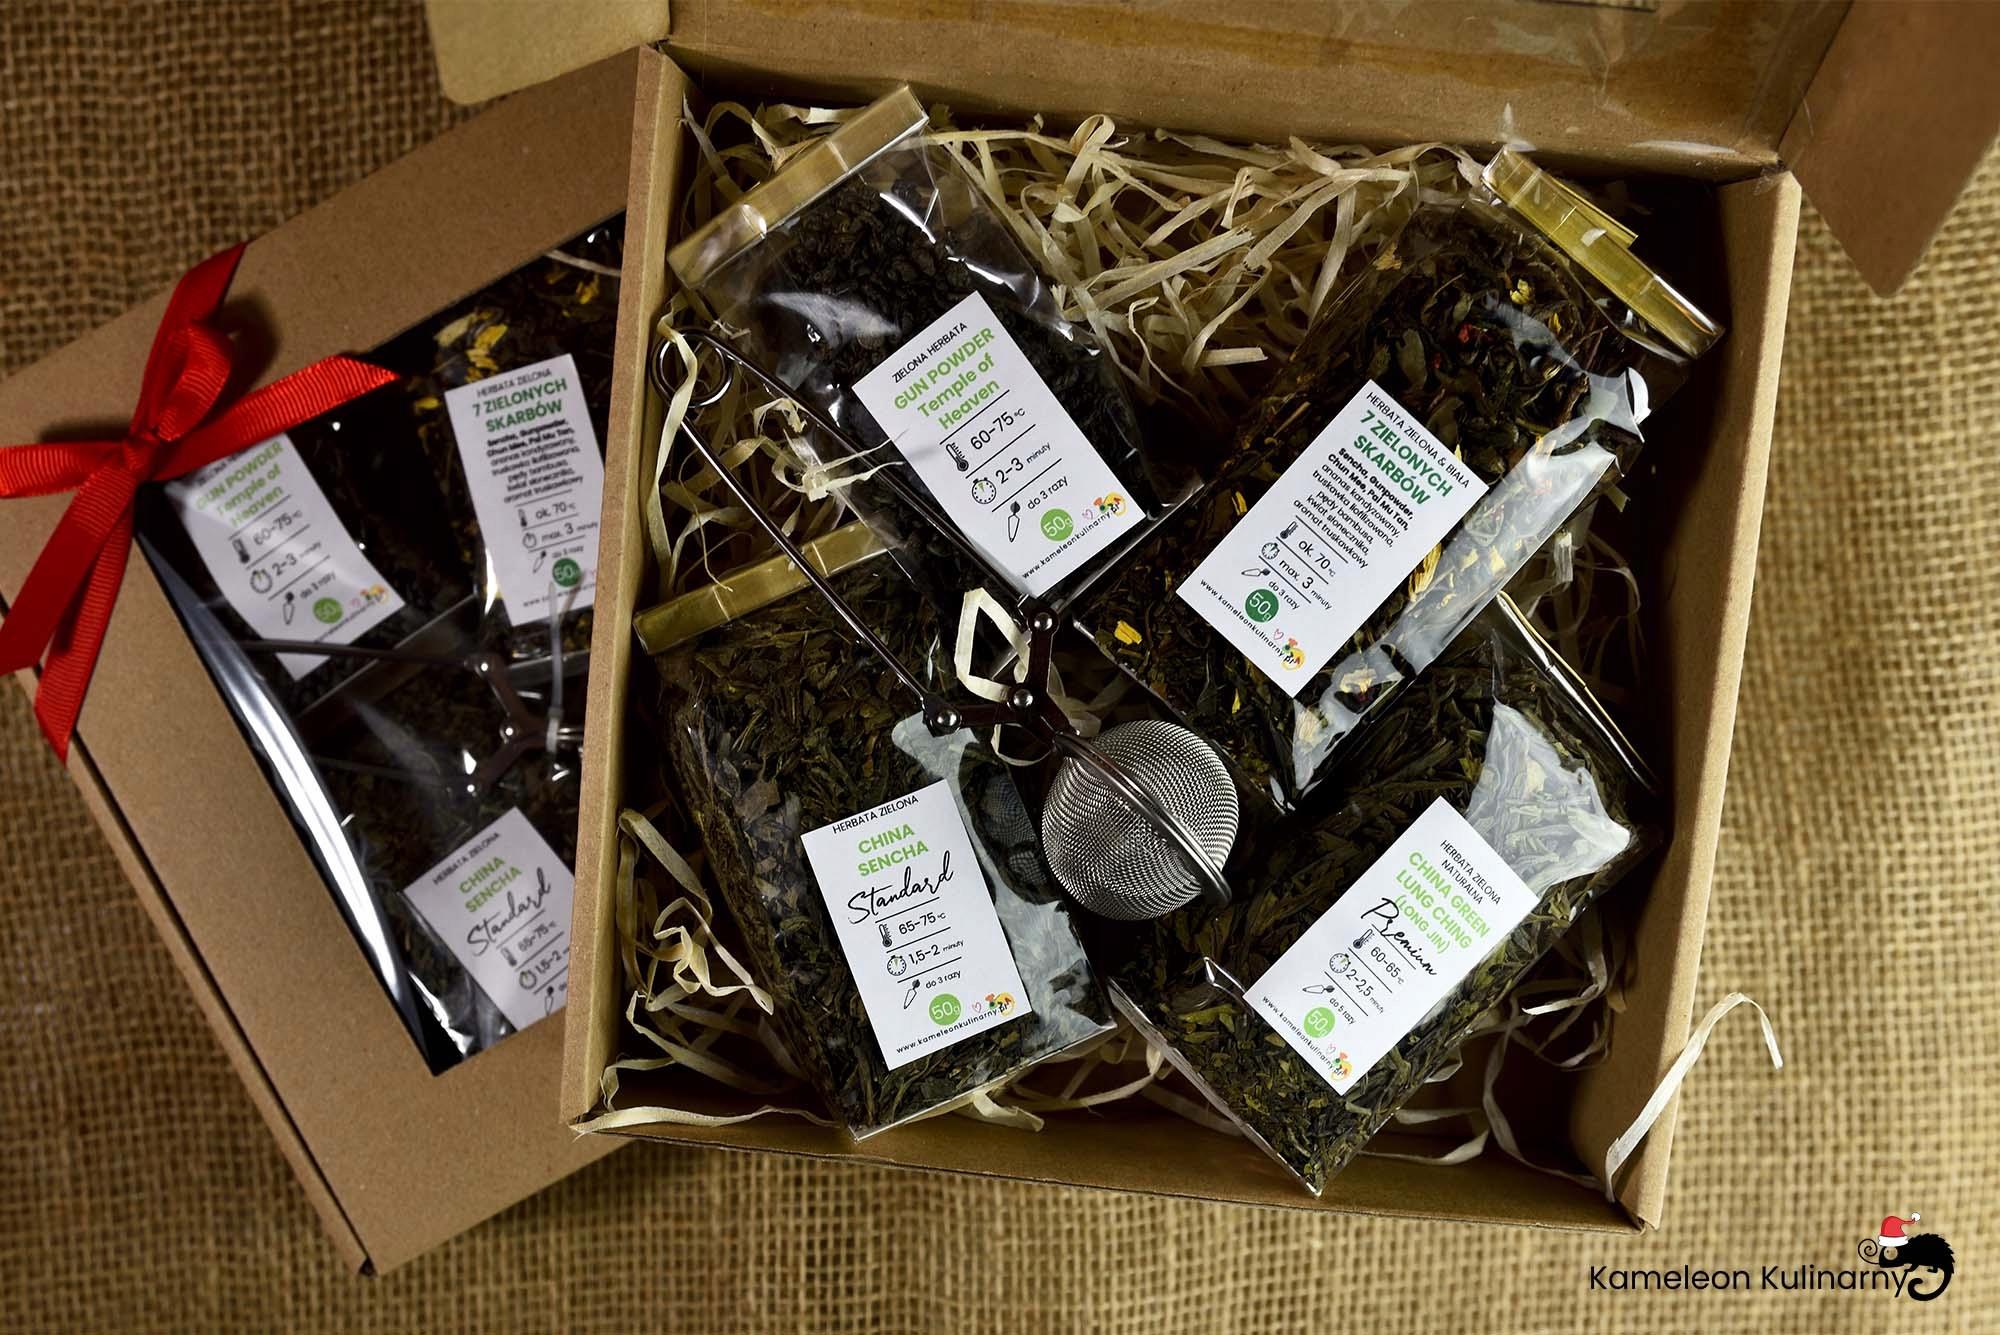 ZESTAW PREZENTOWY 4 herbaty zielone i zaparzacz Waga (z opakowaniem) 0.5 kg